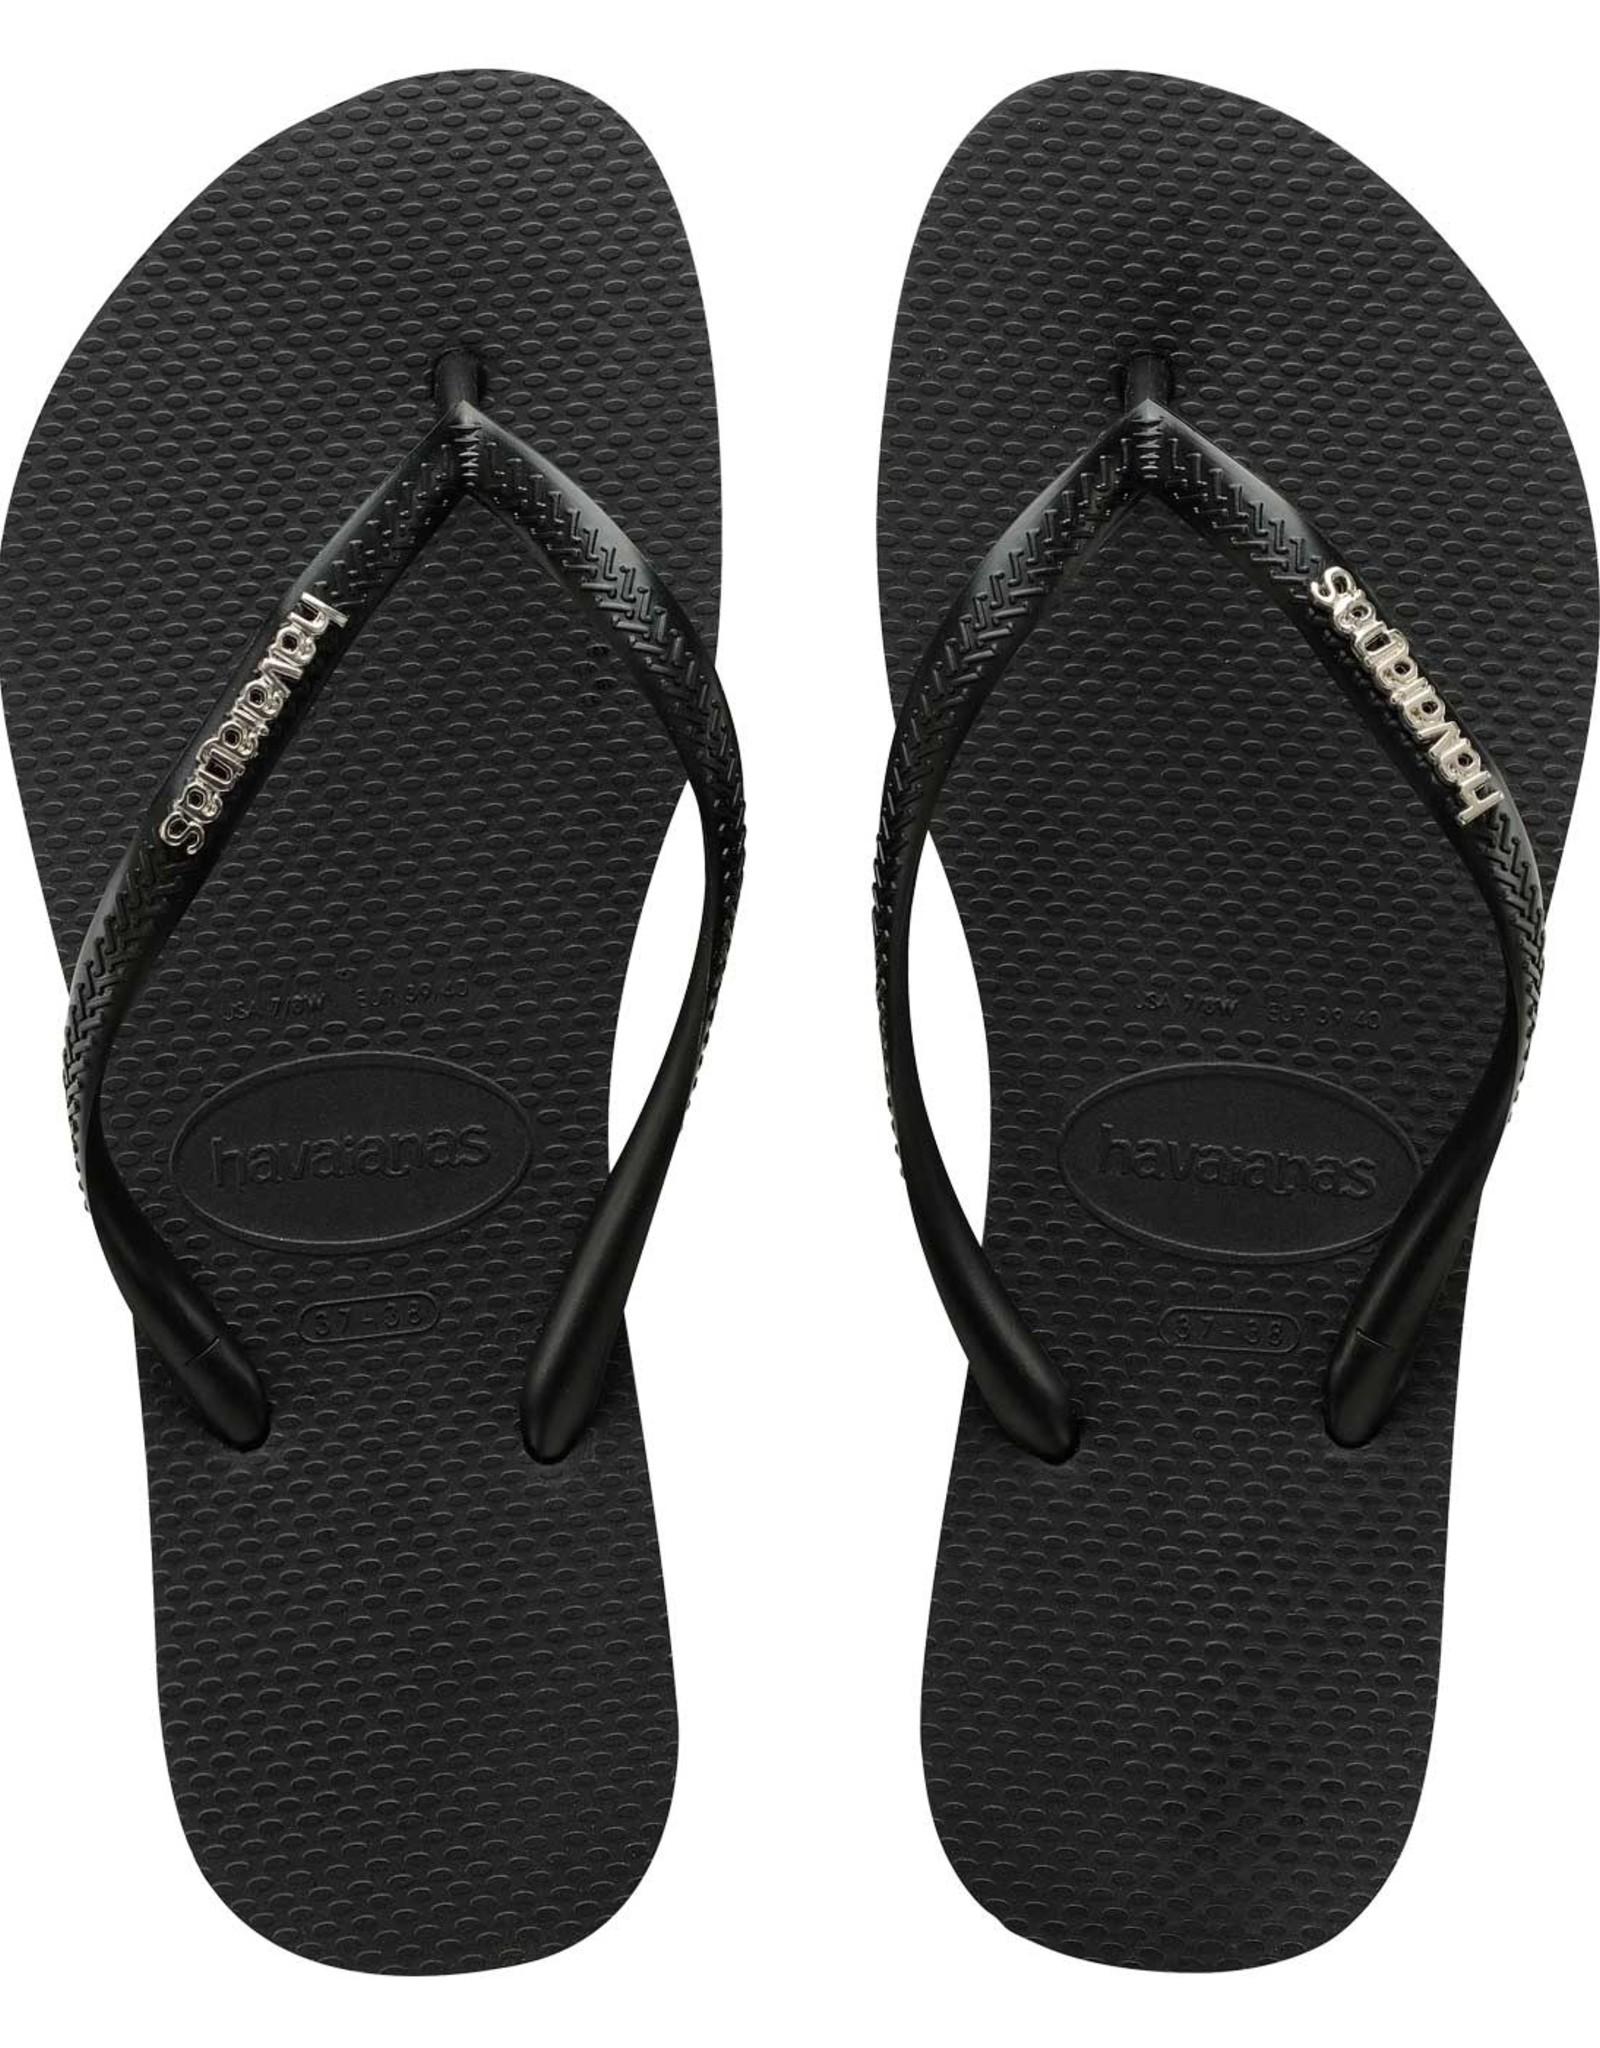 HAVAIANAS Slim Metal Logo Black/Silver Thongs